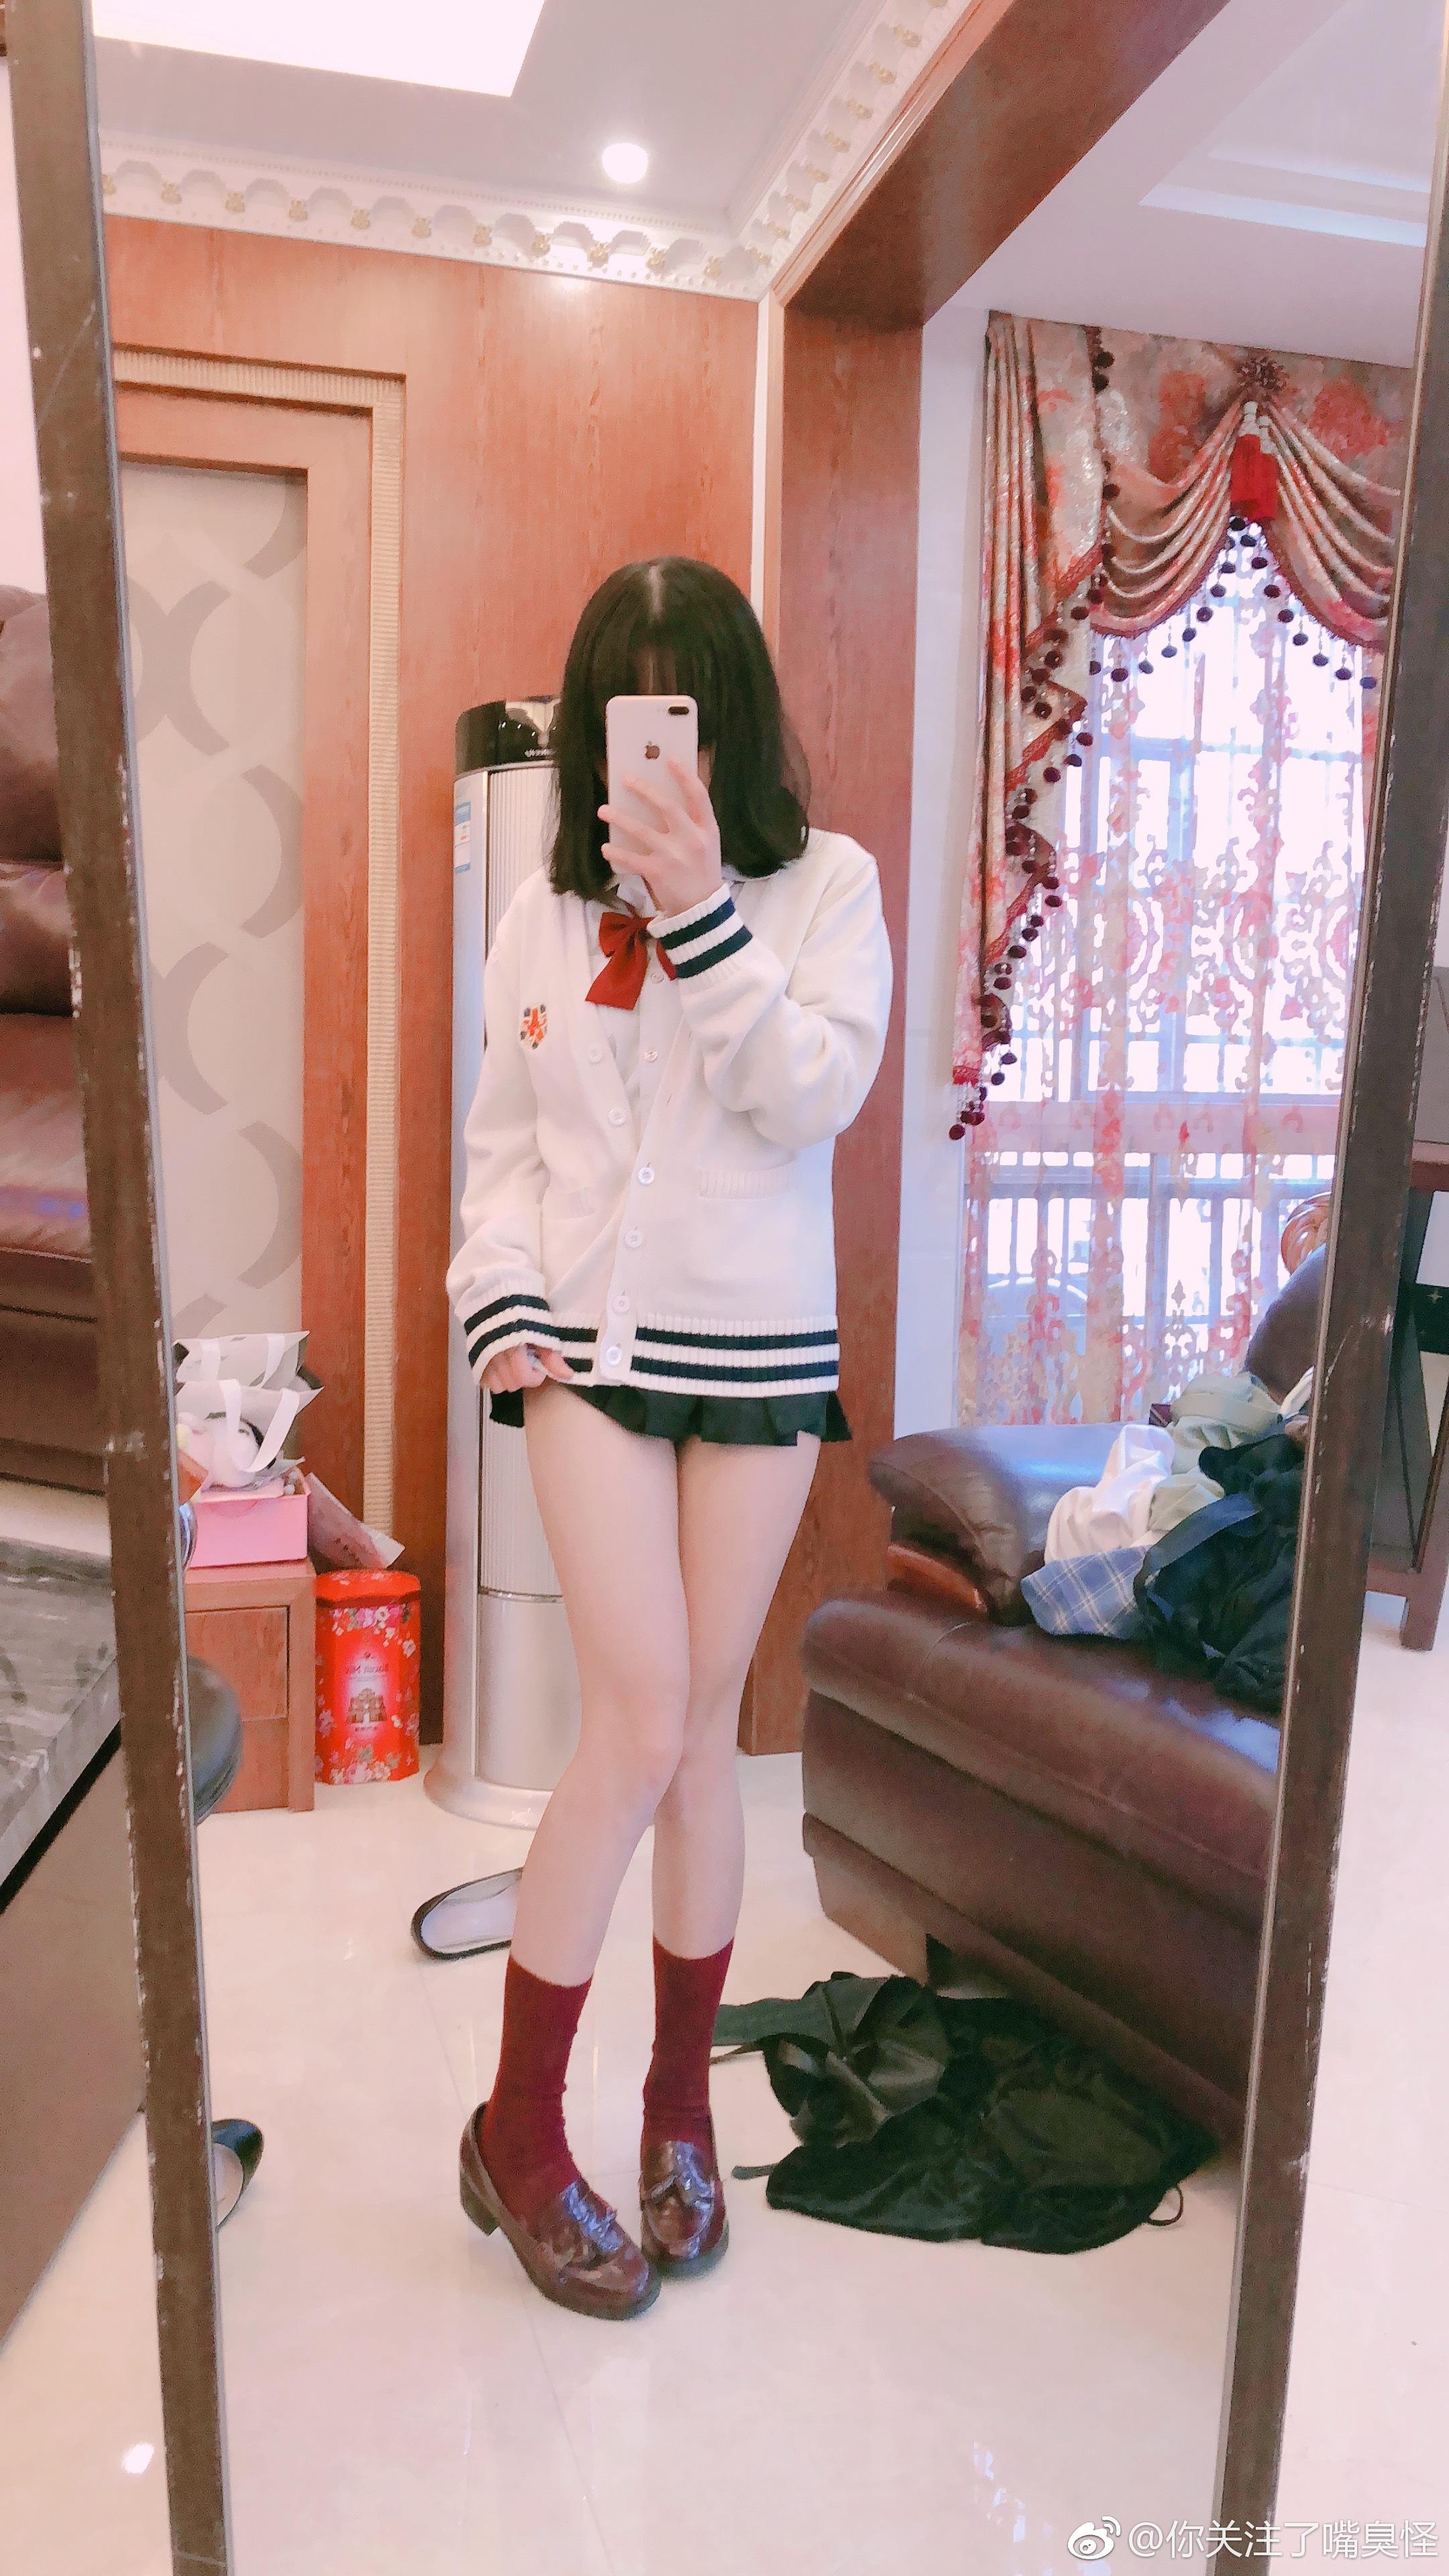 这裙子的长度怎么穿出门!(9P)